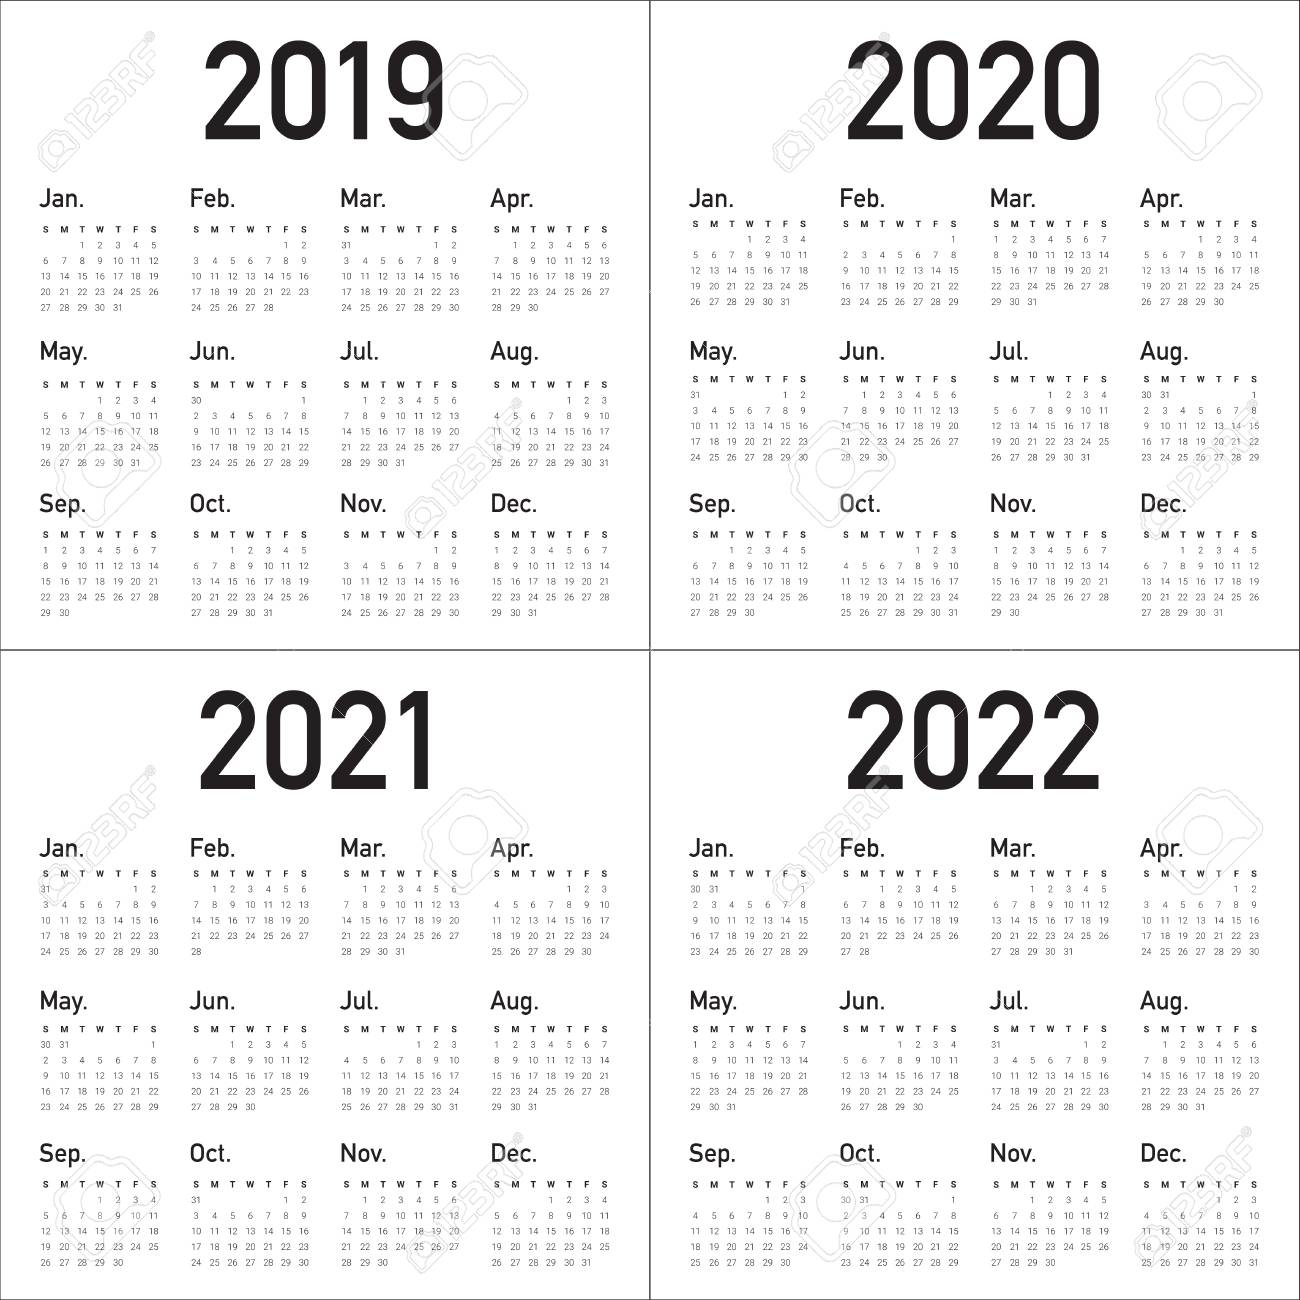 Calendario 2020 2020.Calendario Mensual 2020 2020